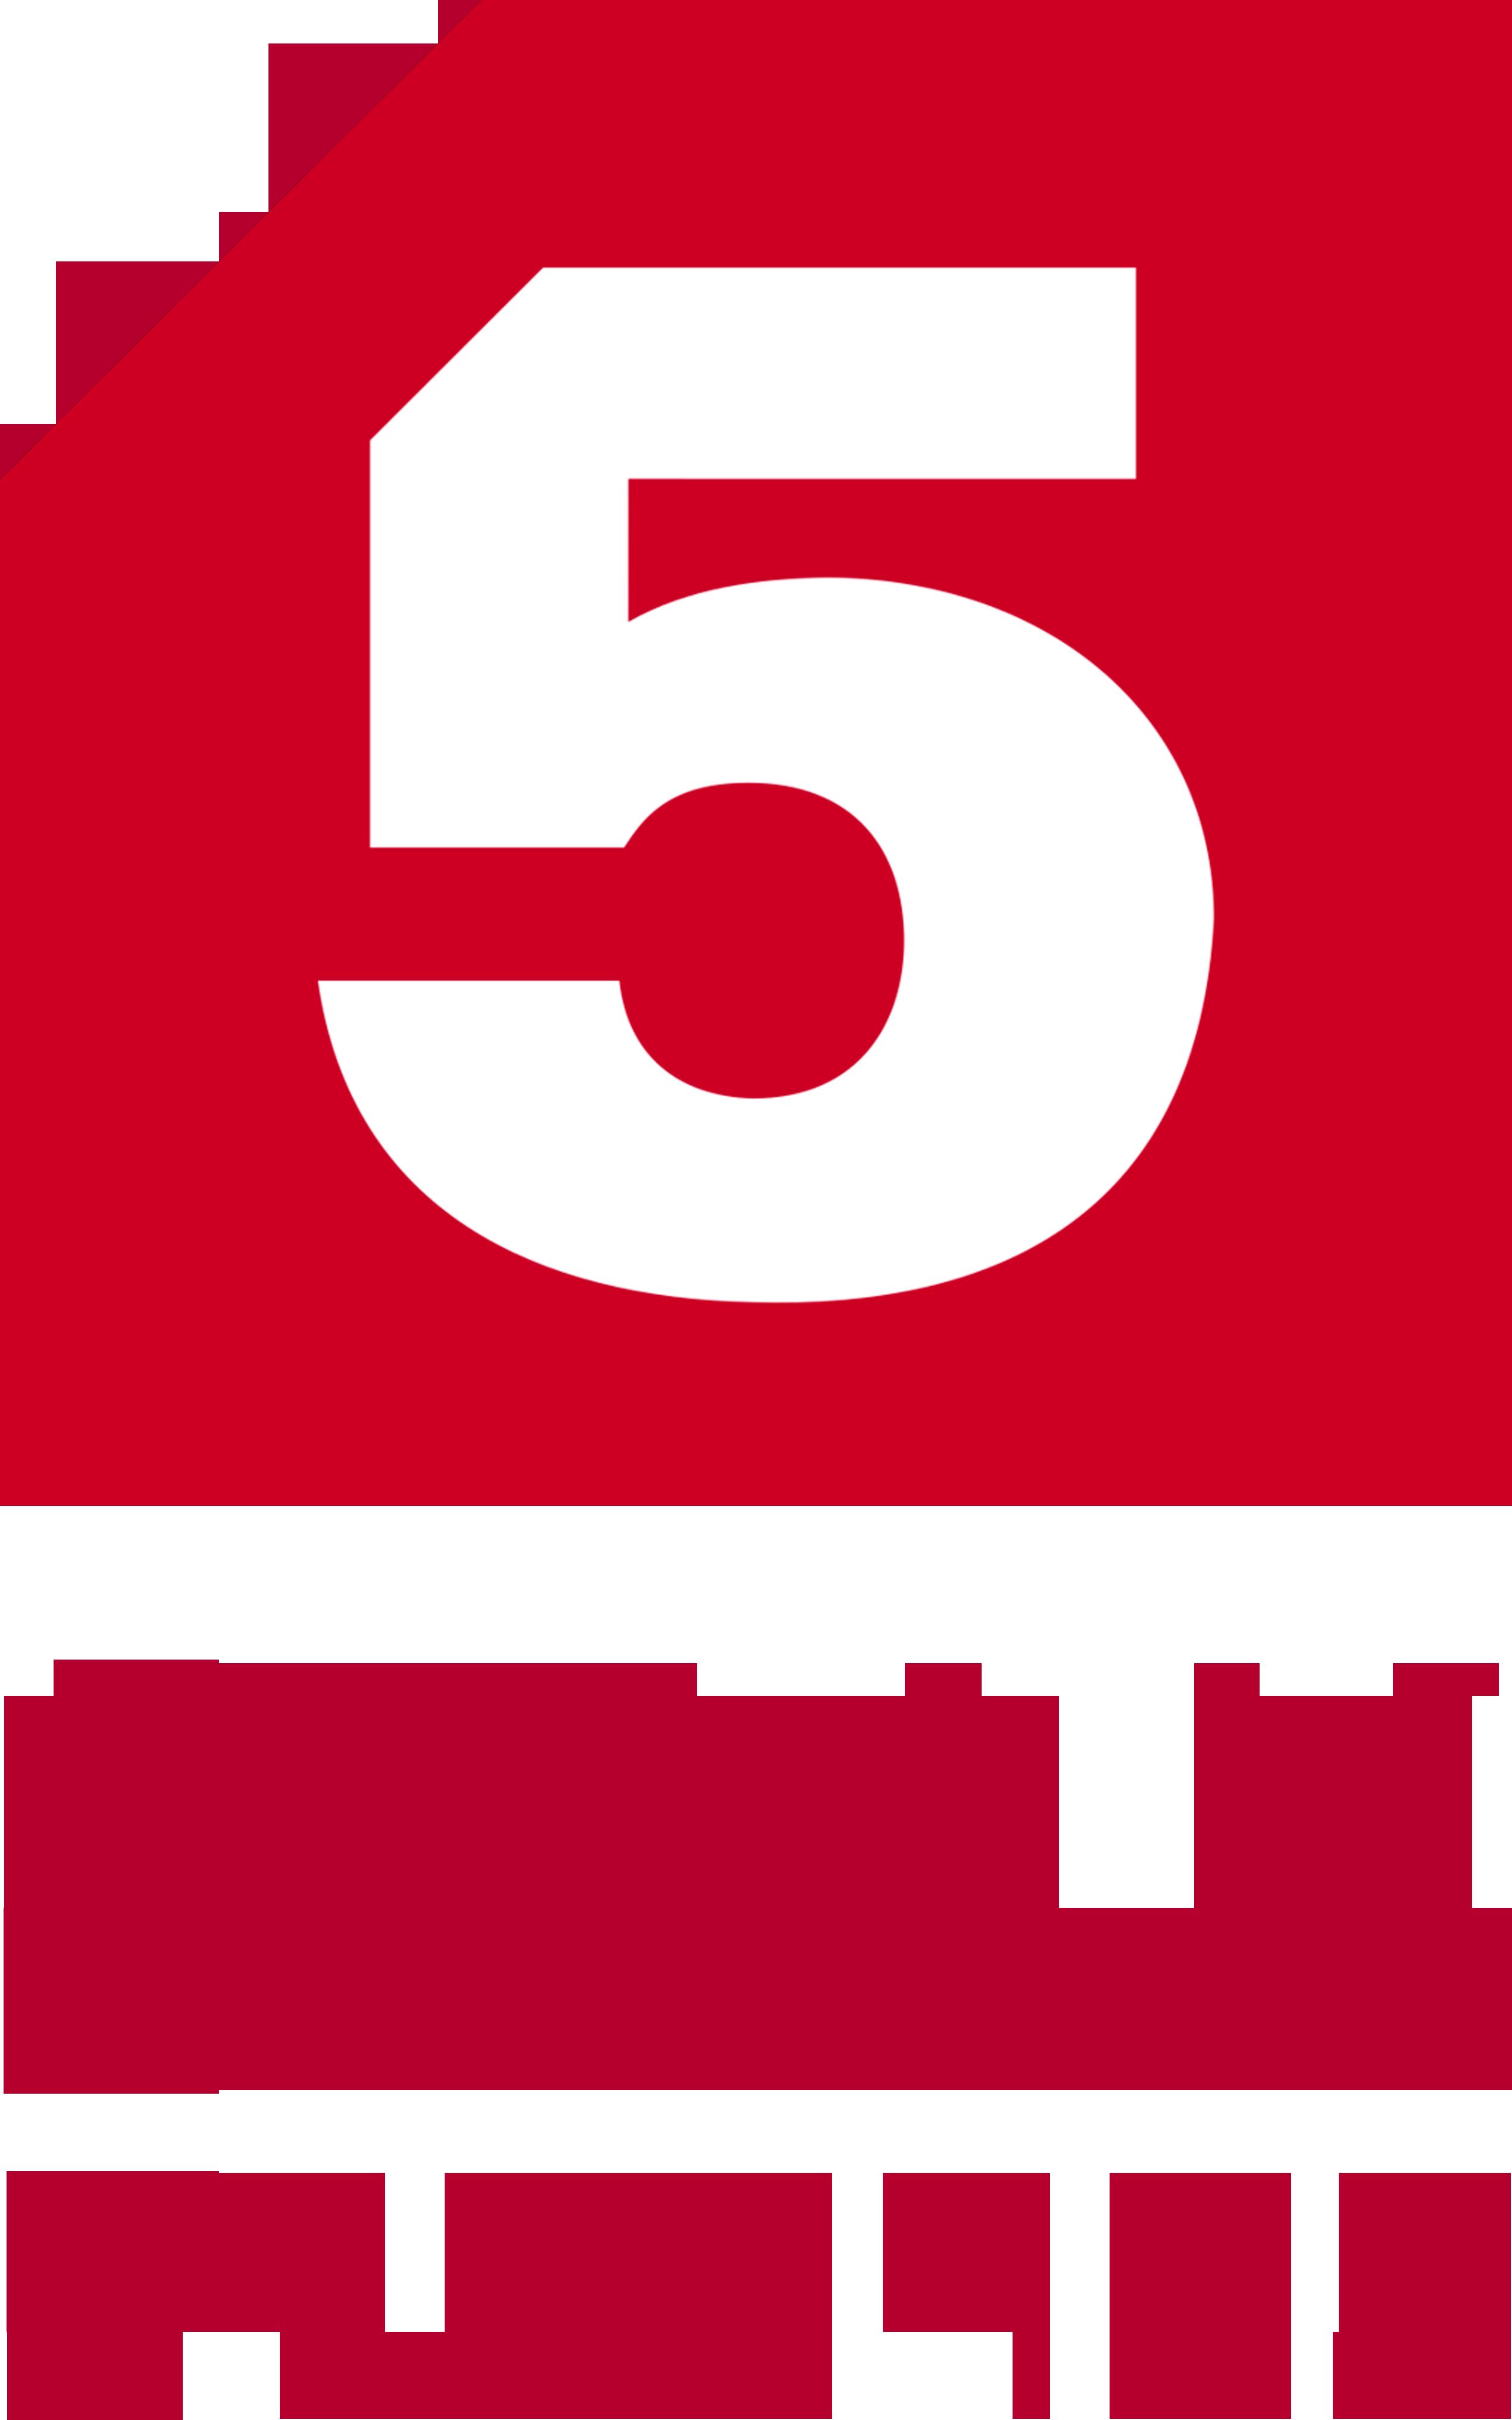 Пятый канал (знак отличия)